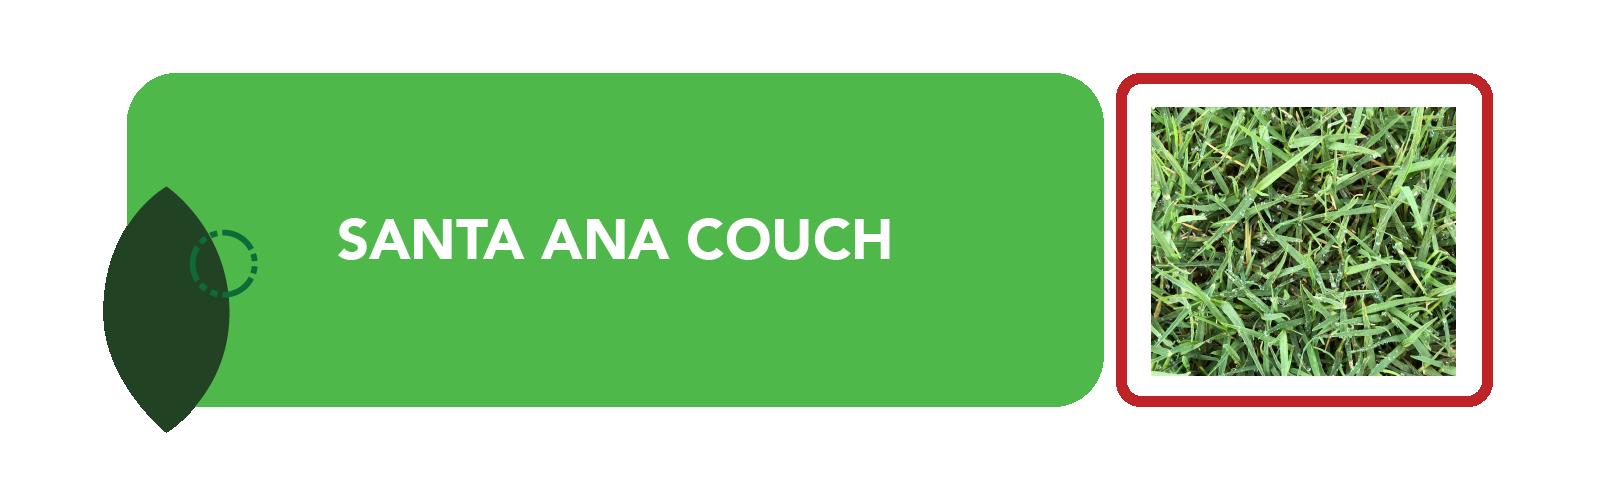 Santa Ana Couch